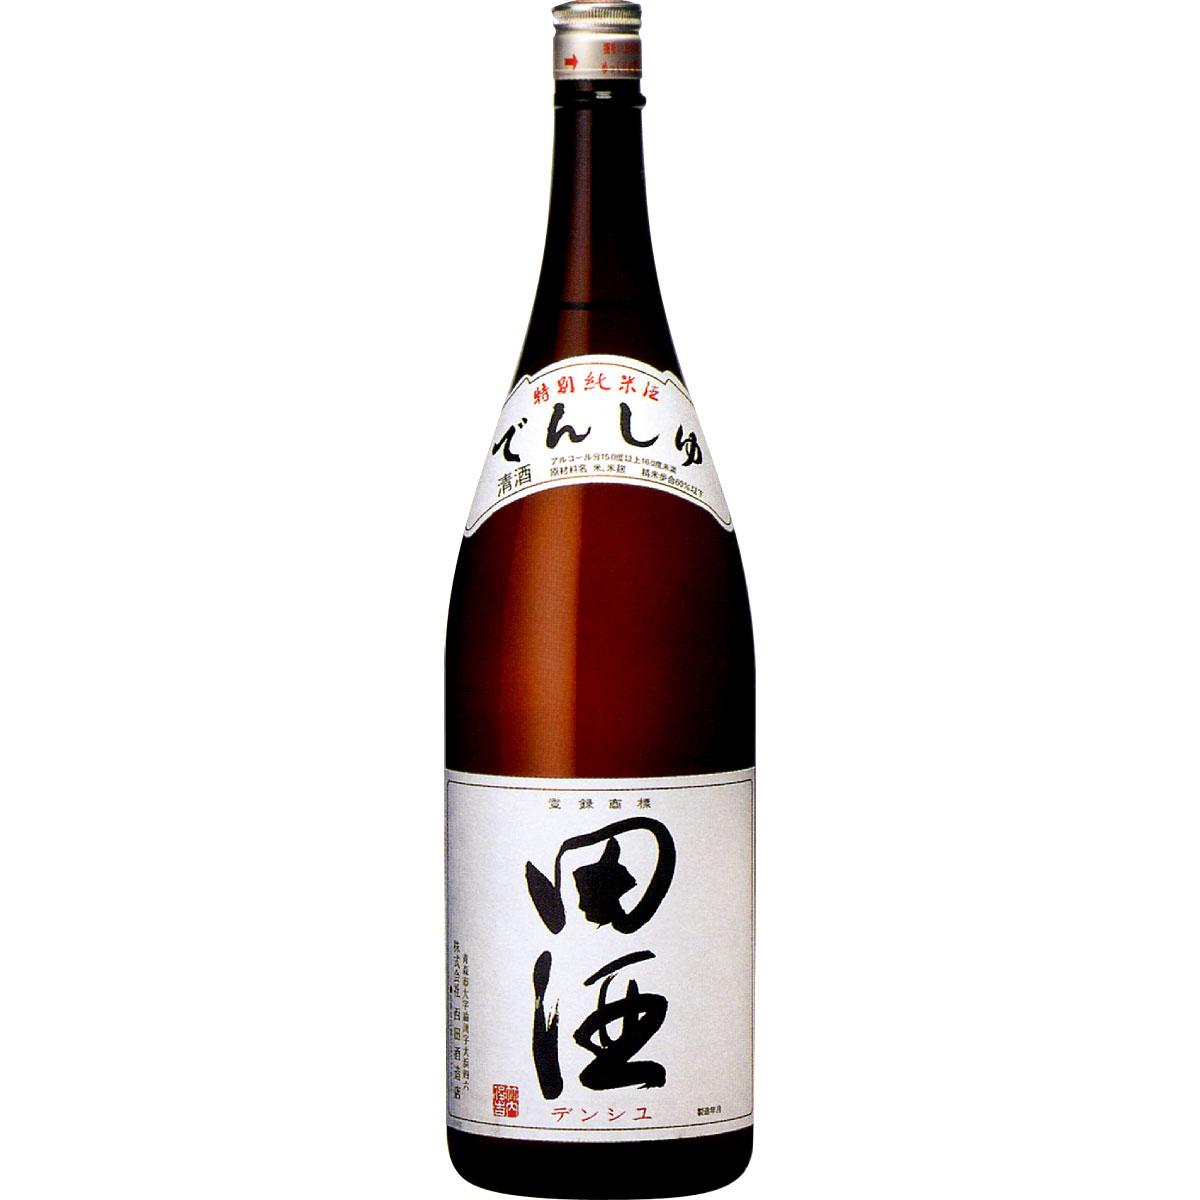 田酒 Densyu